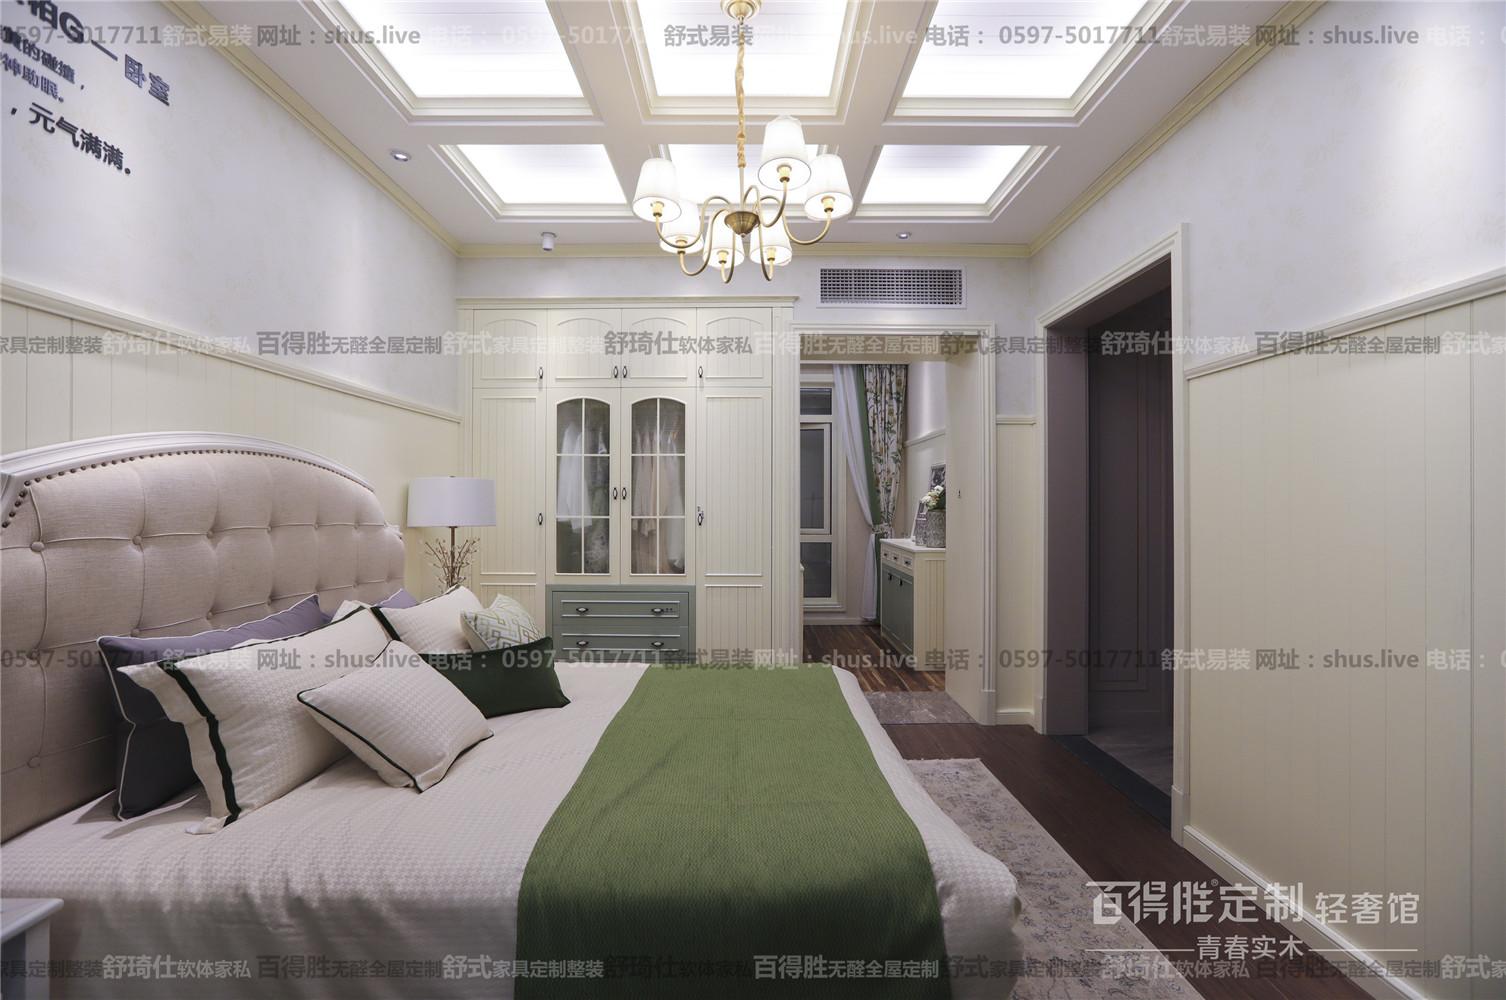 青木云柏-全屋定制-百得胜-美式青春